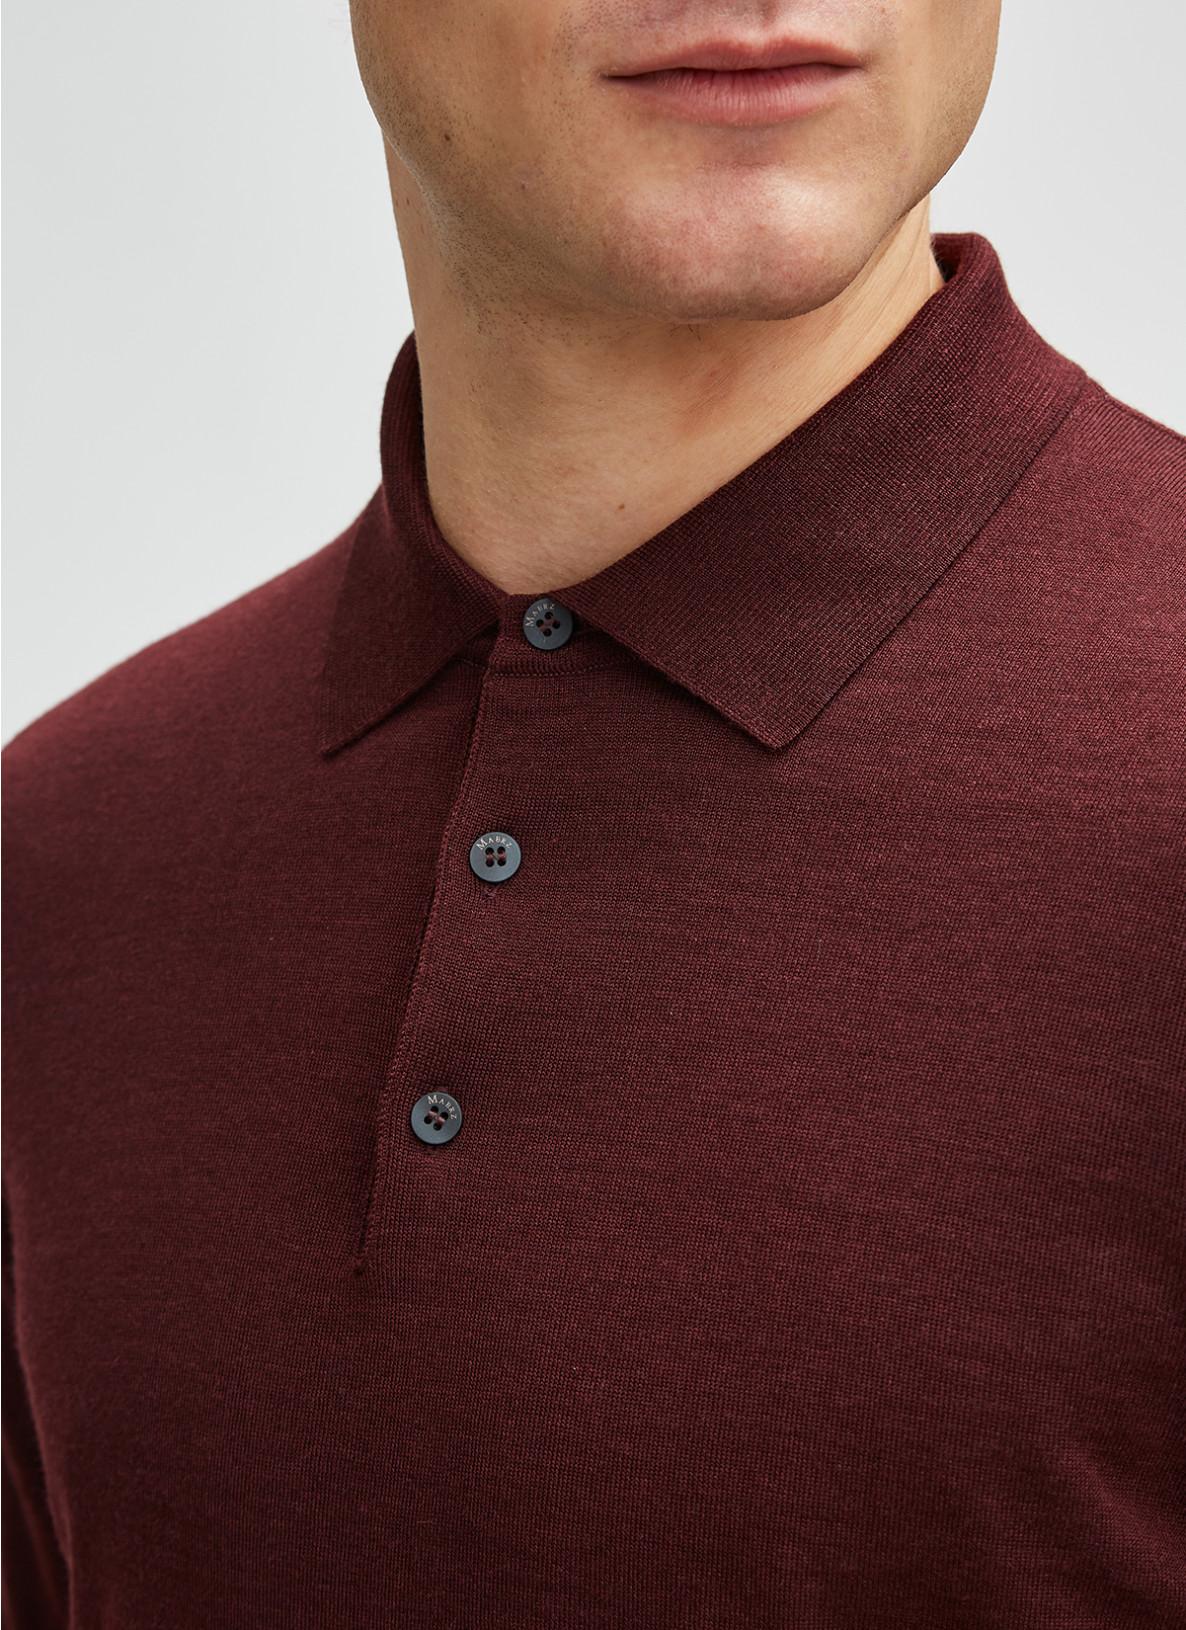 Pullover Polokragen, Knopf 1/1 Arm, Dark BerryDetailansicht 1